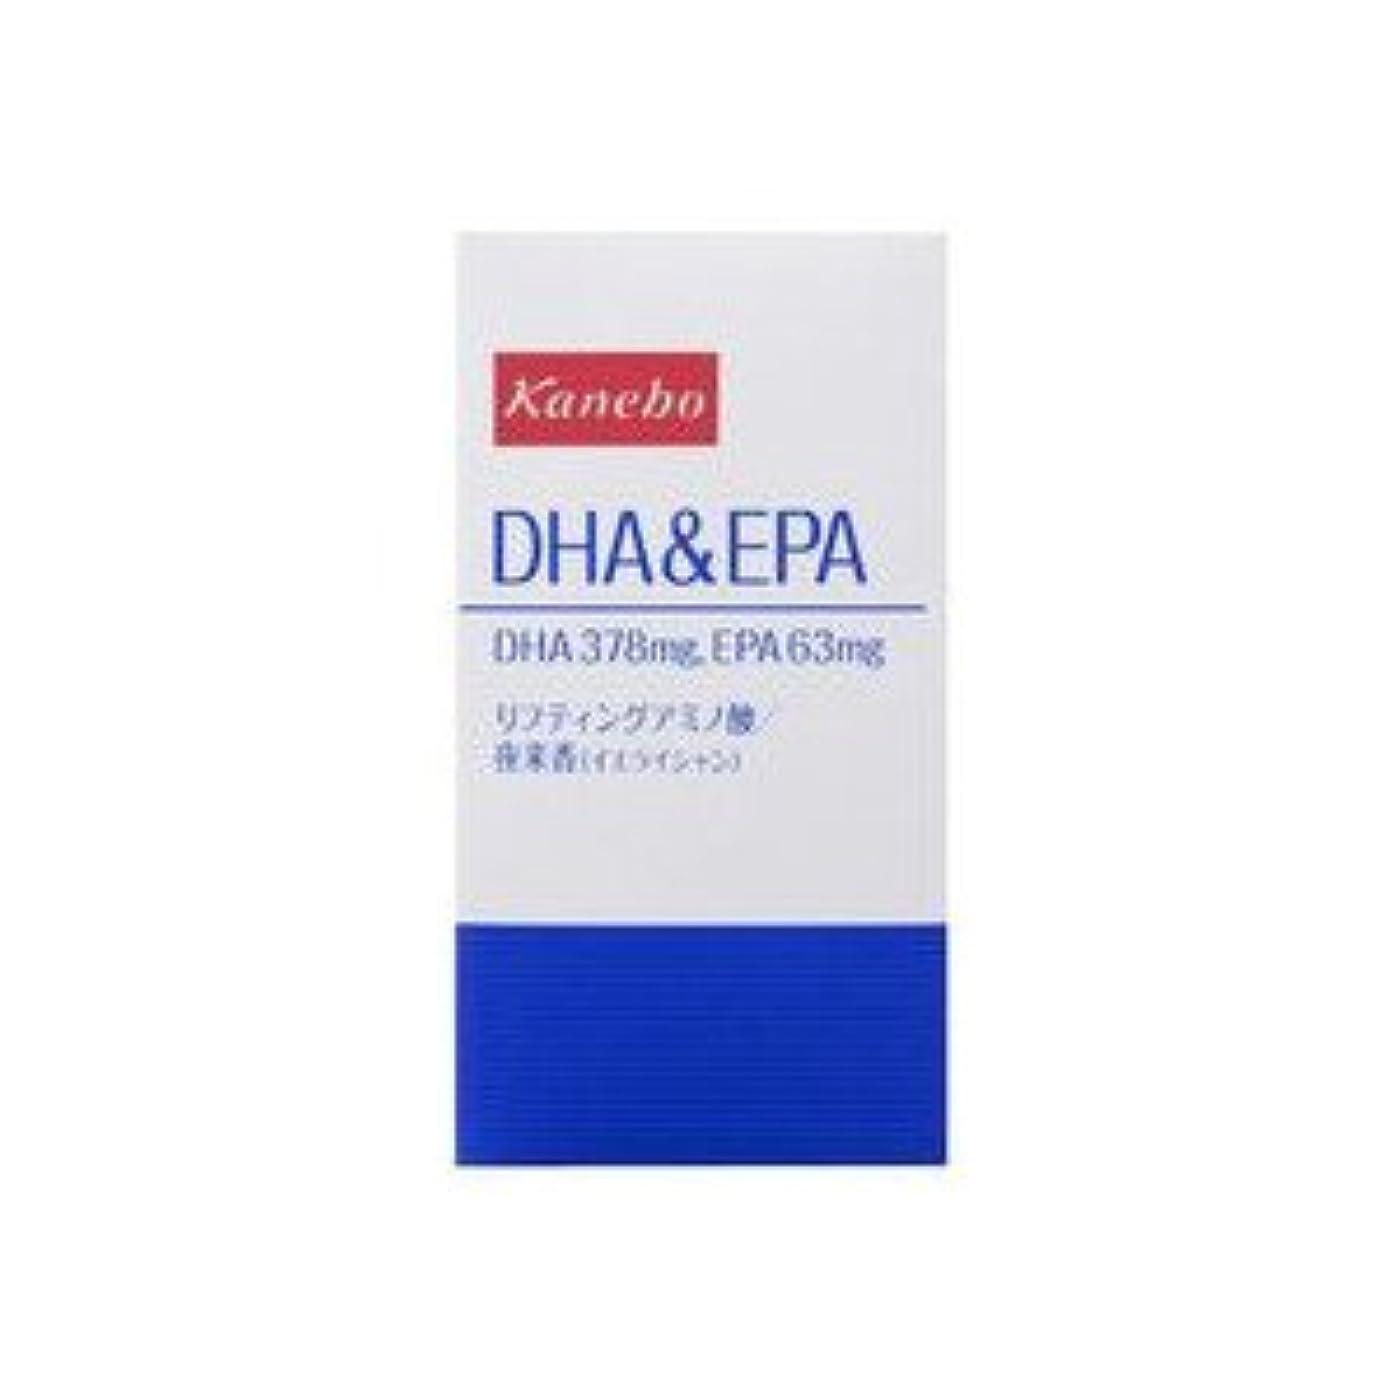 完全に乾く承認グラフカネボウ DHA&EPA 465mg×120粒